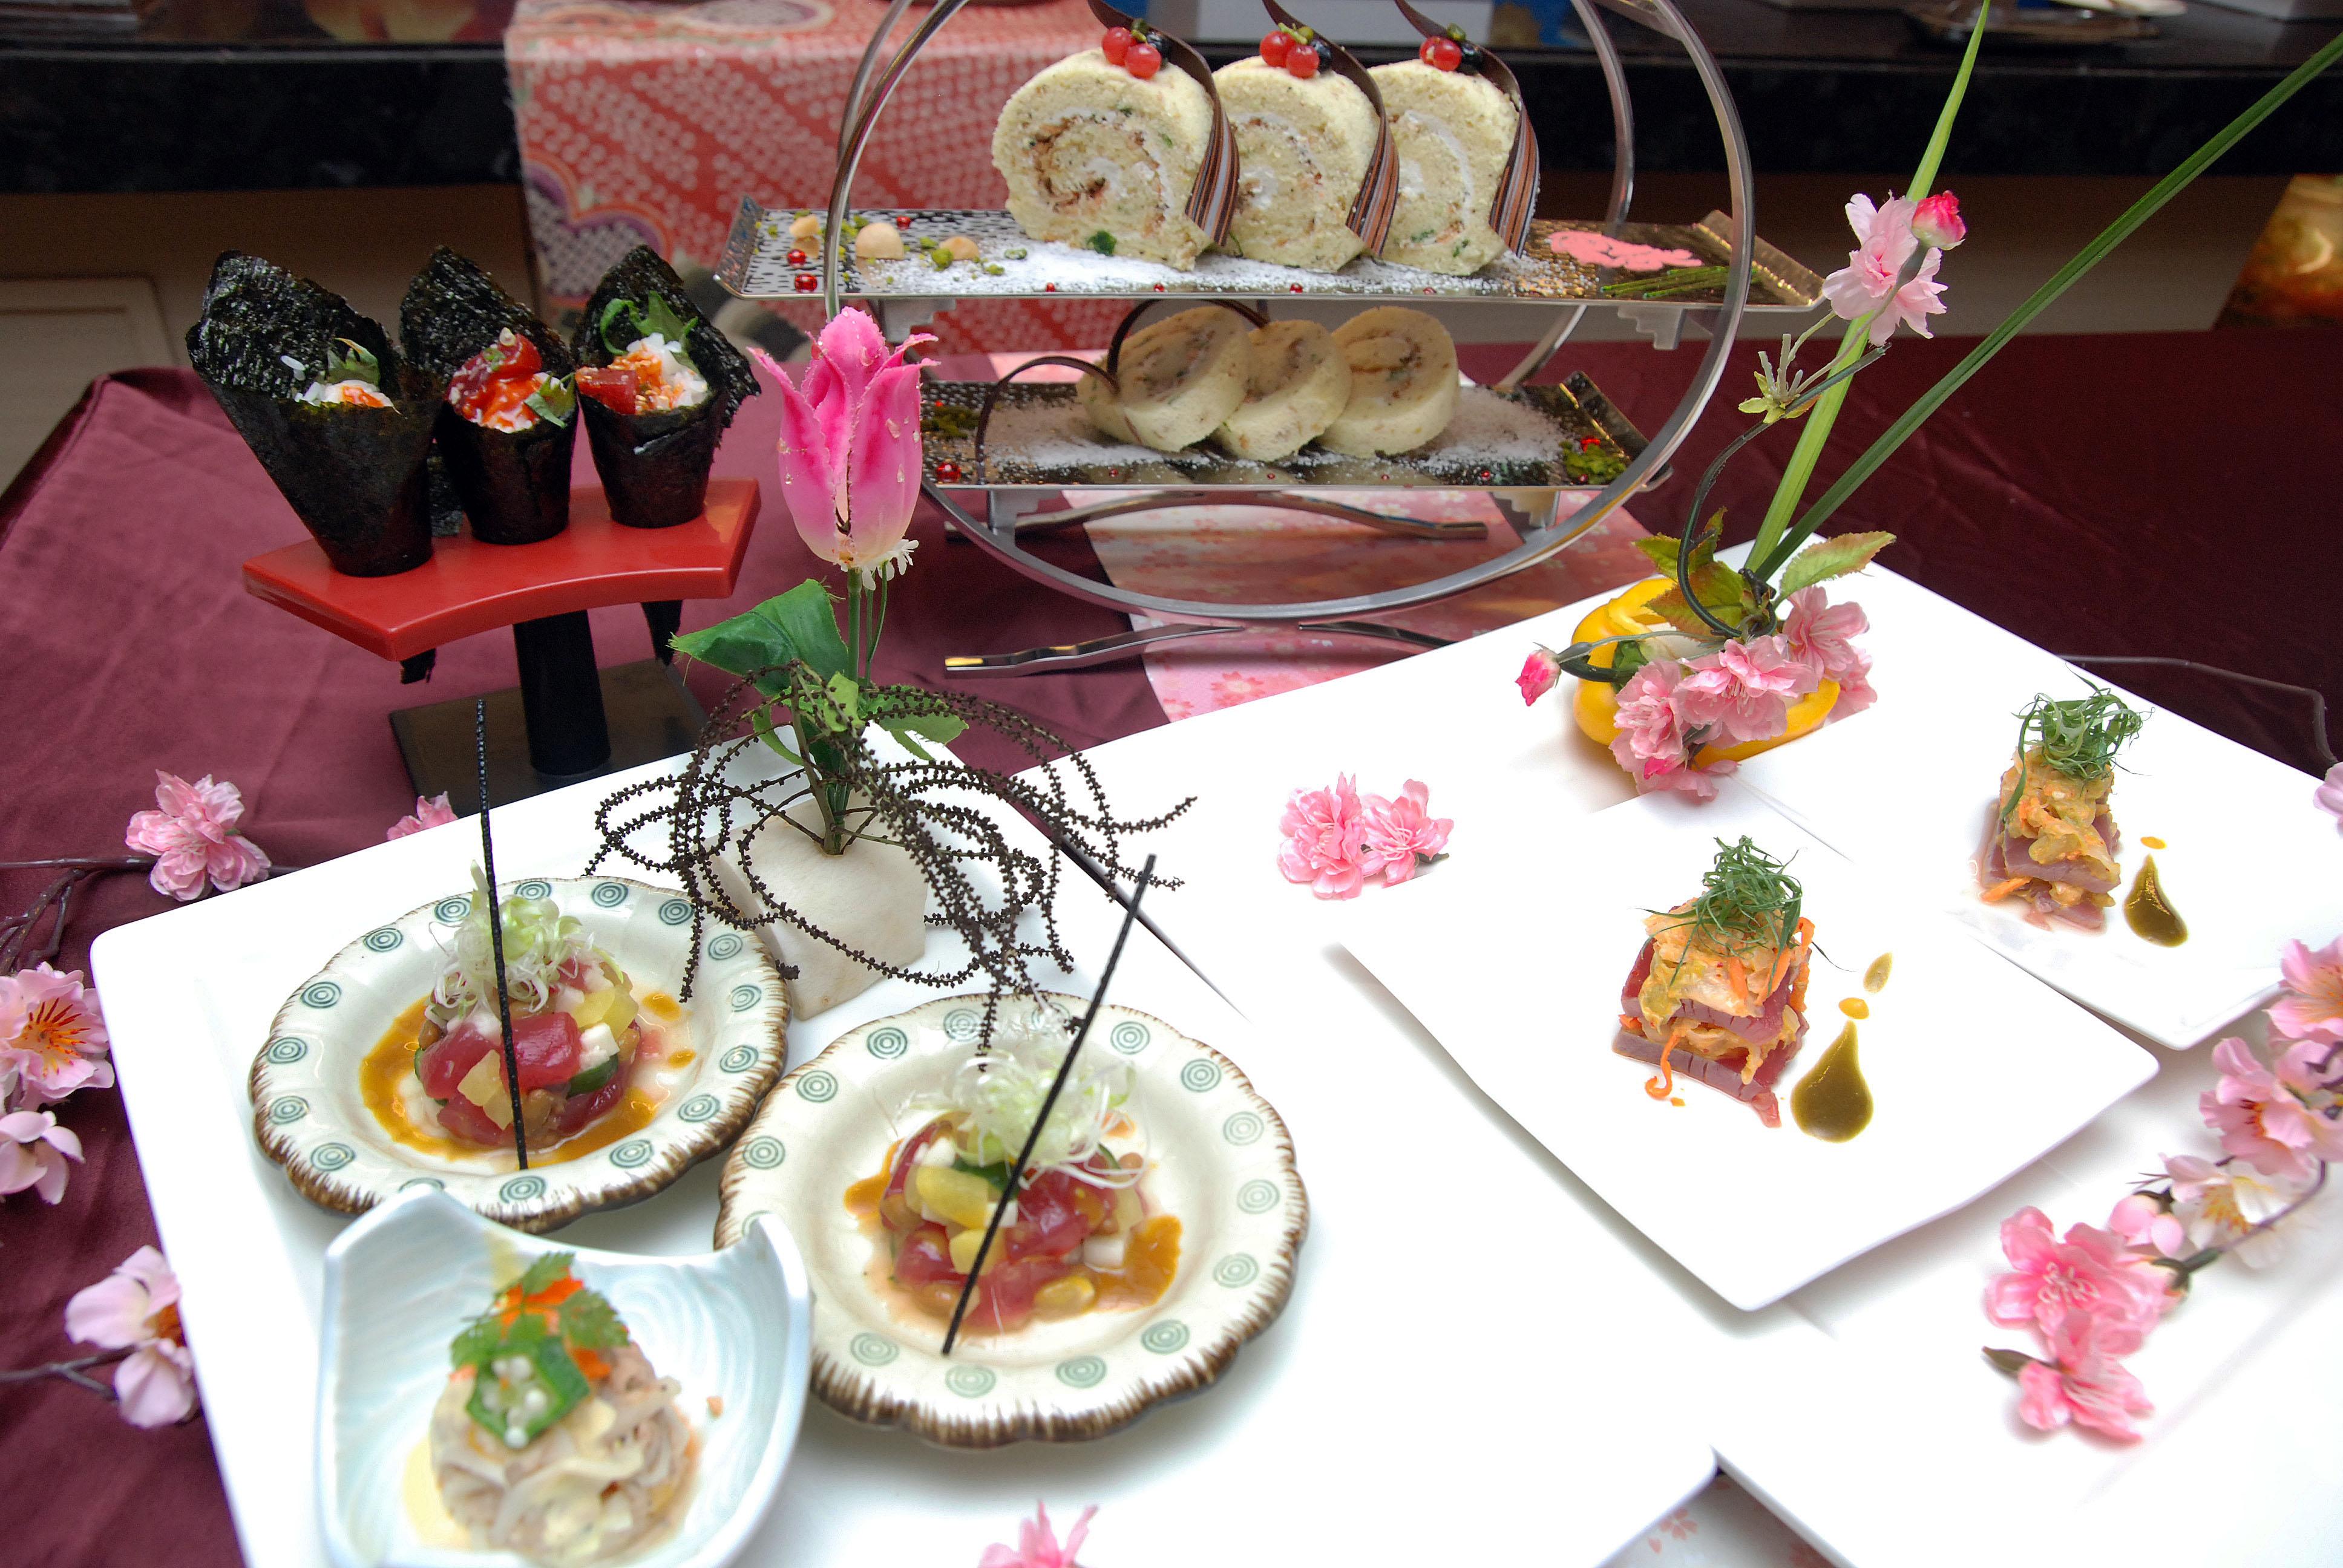 萬國百匯即日起推出鮪魚祭餐飲主題,多道料理以鮪魚入菜,口感多元豐富,邀請您來嘗鮮。